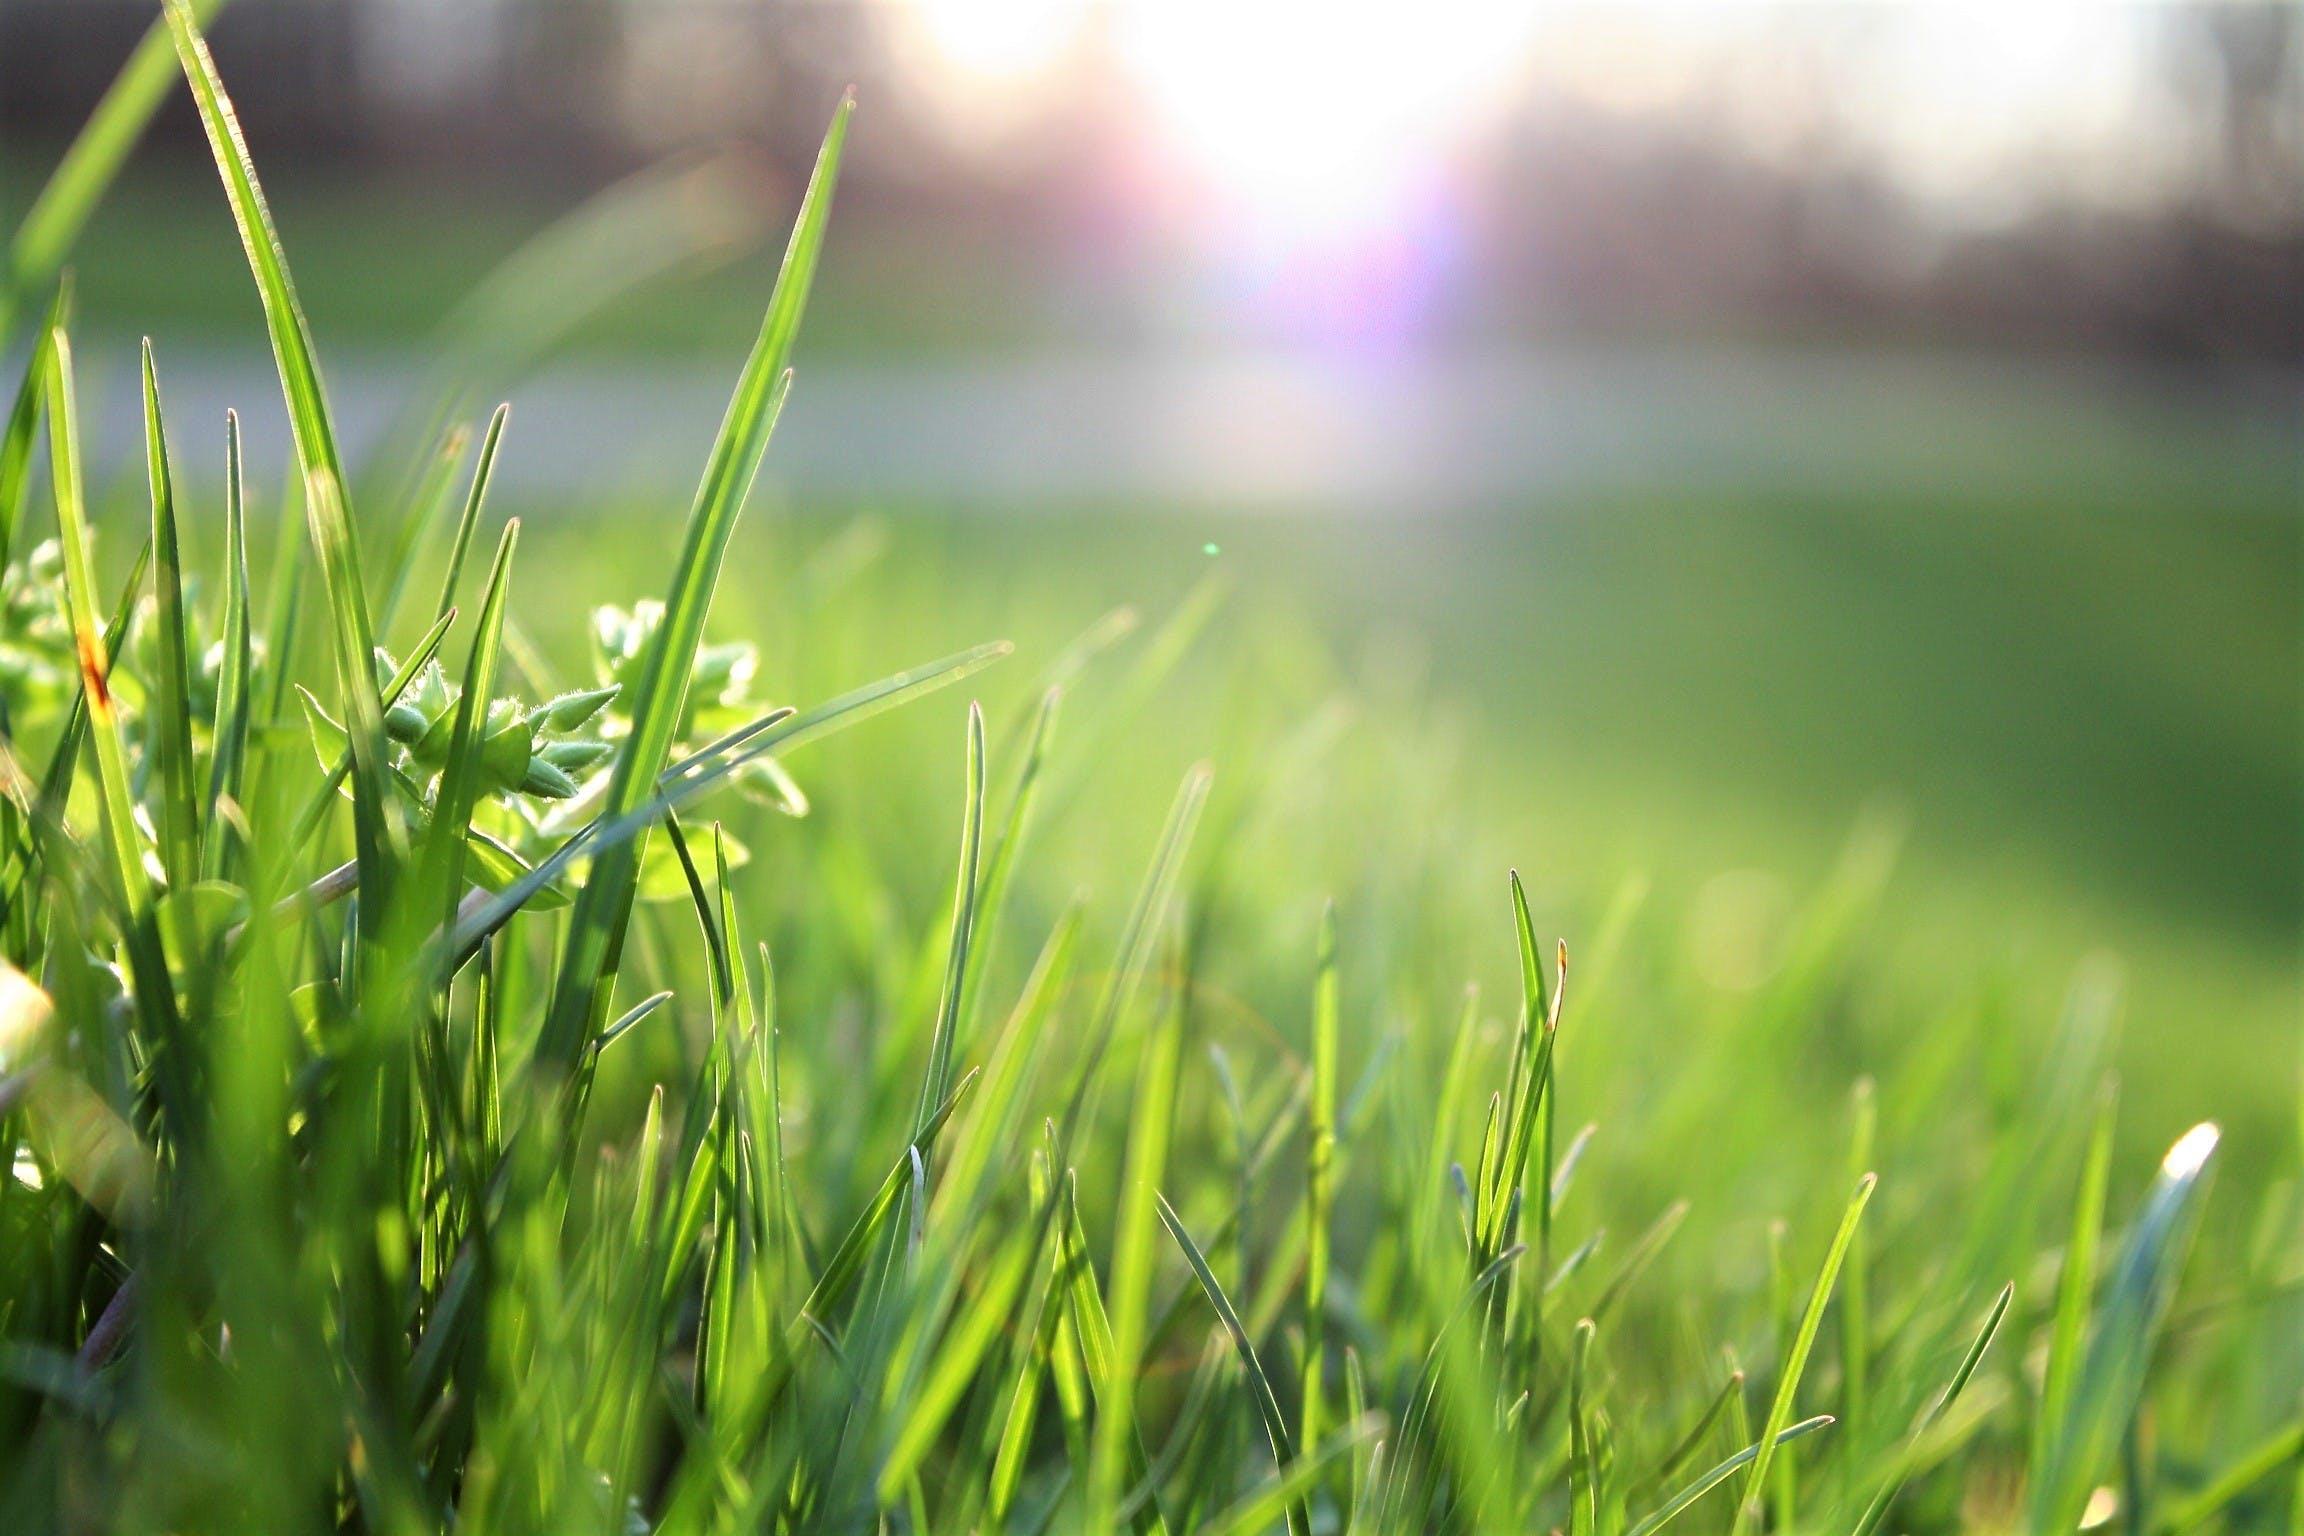 Ilmainen kuvapankkikuva tunnisteilla kuvan syvyys, luonto, makro, nurmikko